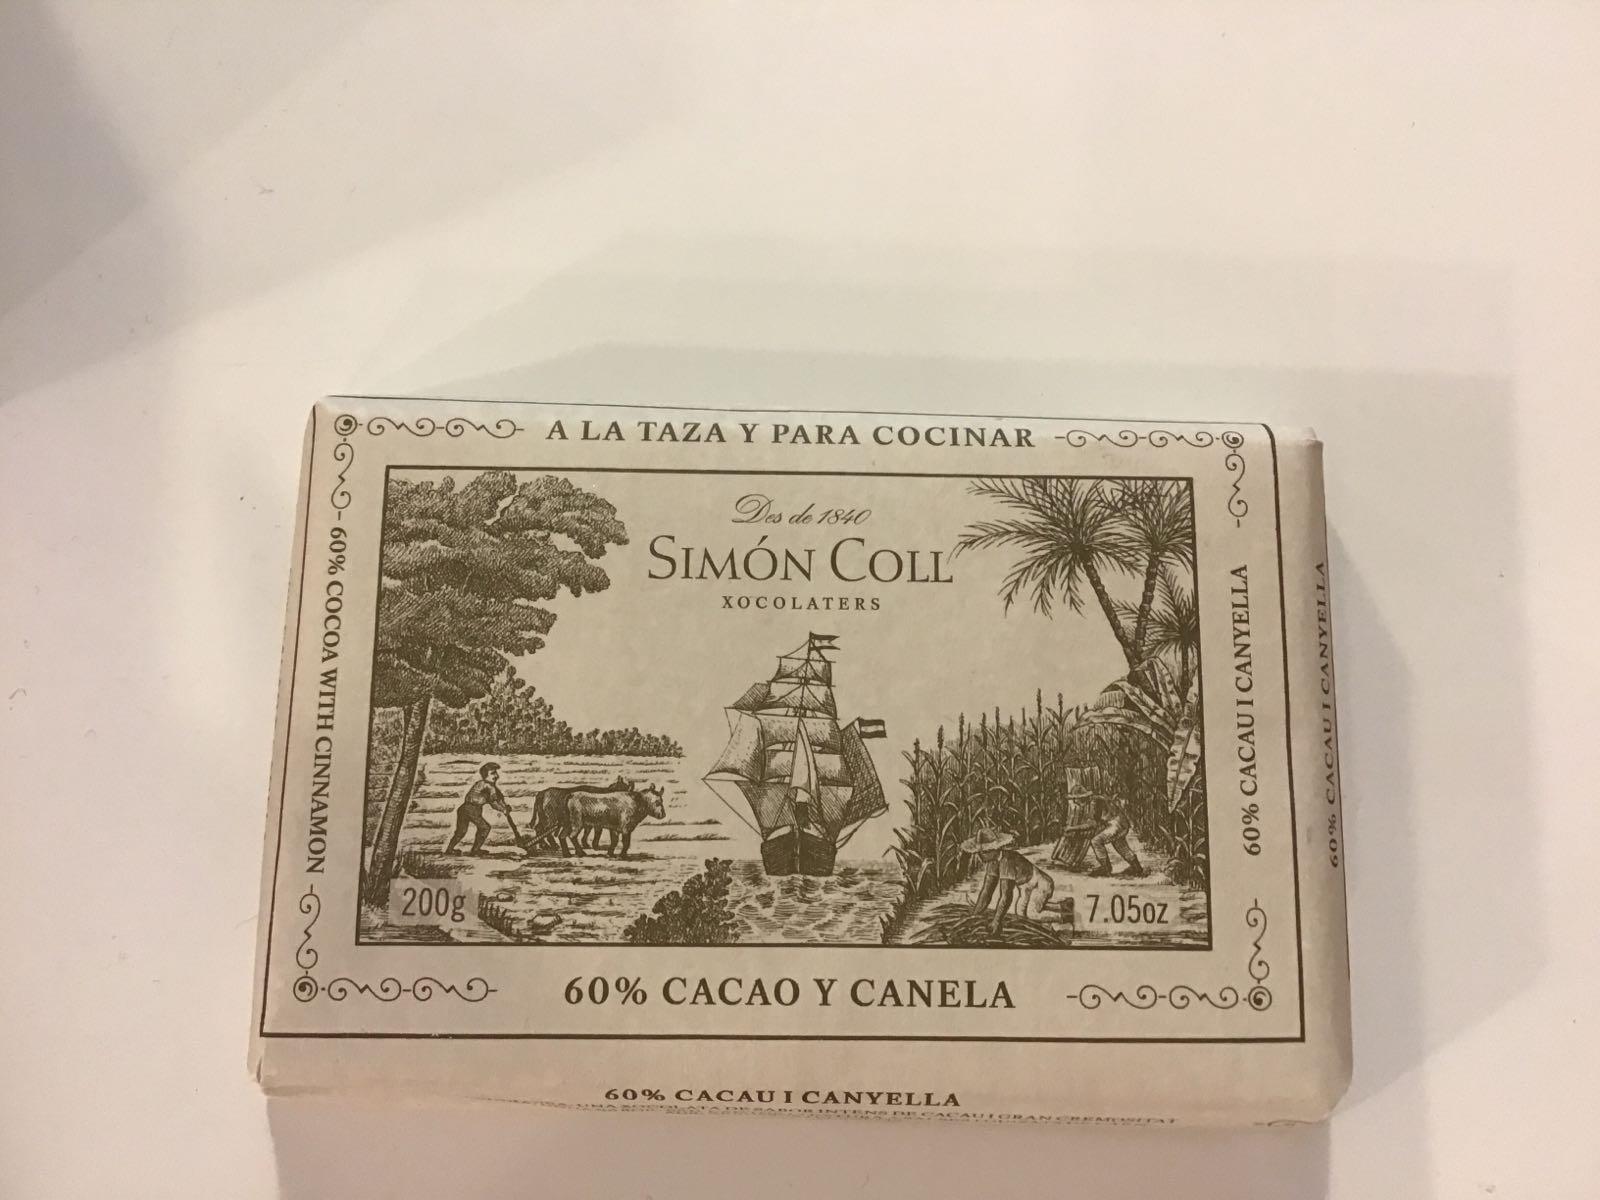 SIMON COLL kaneli